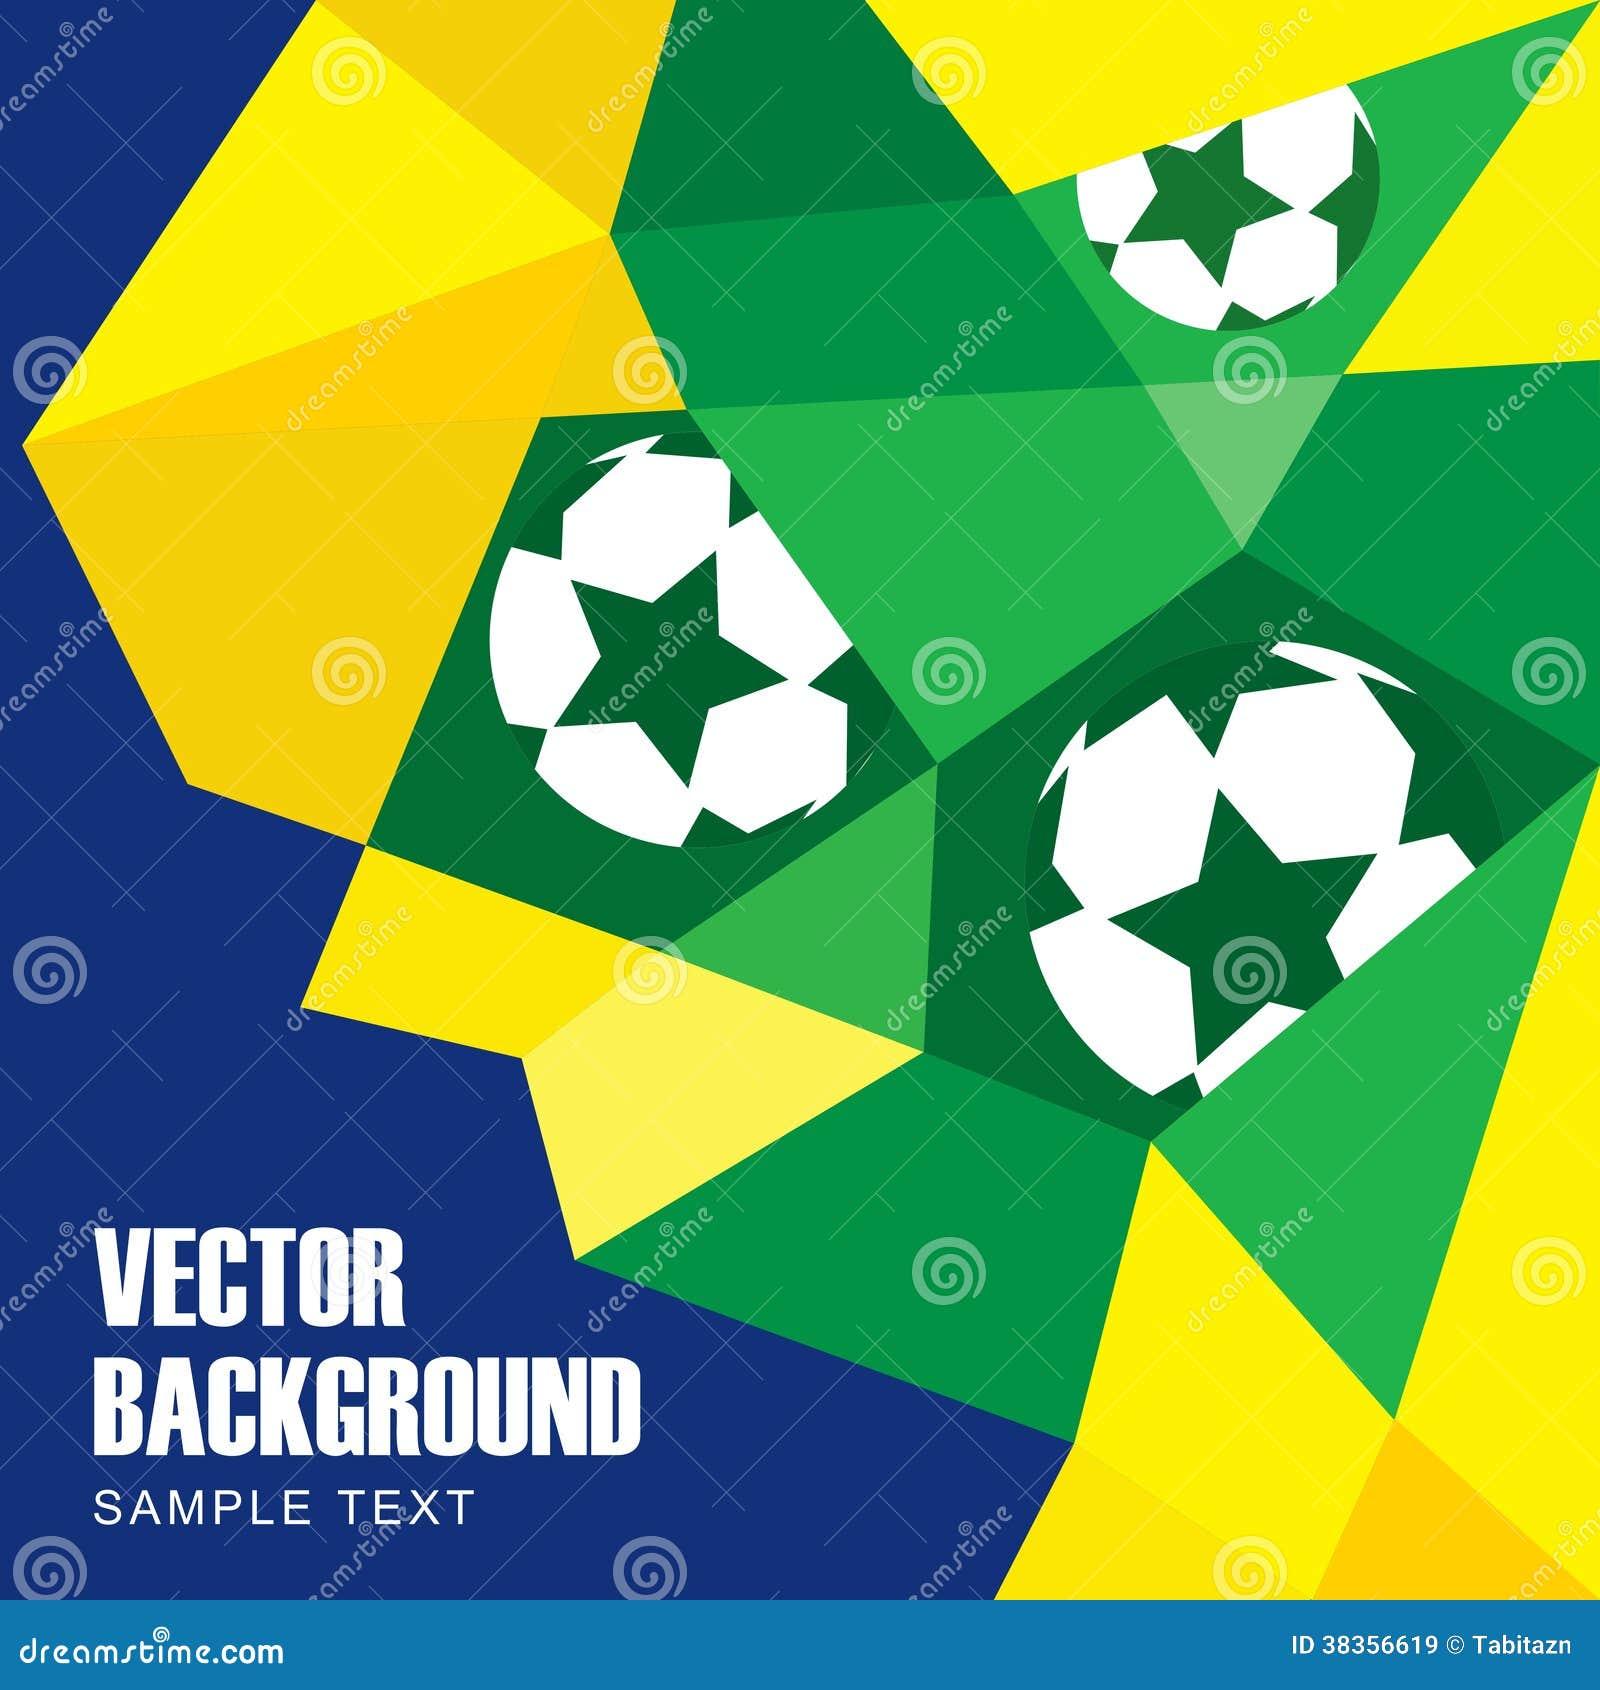 Fondo moderno abstracto del polígono en bandera brasileña